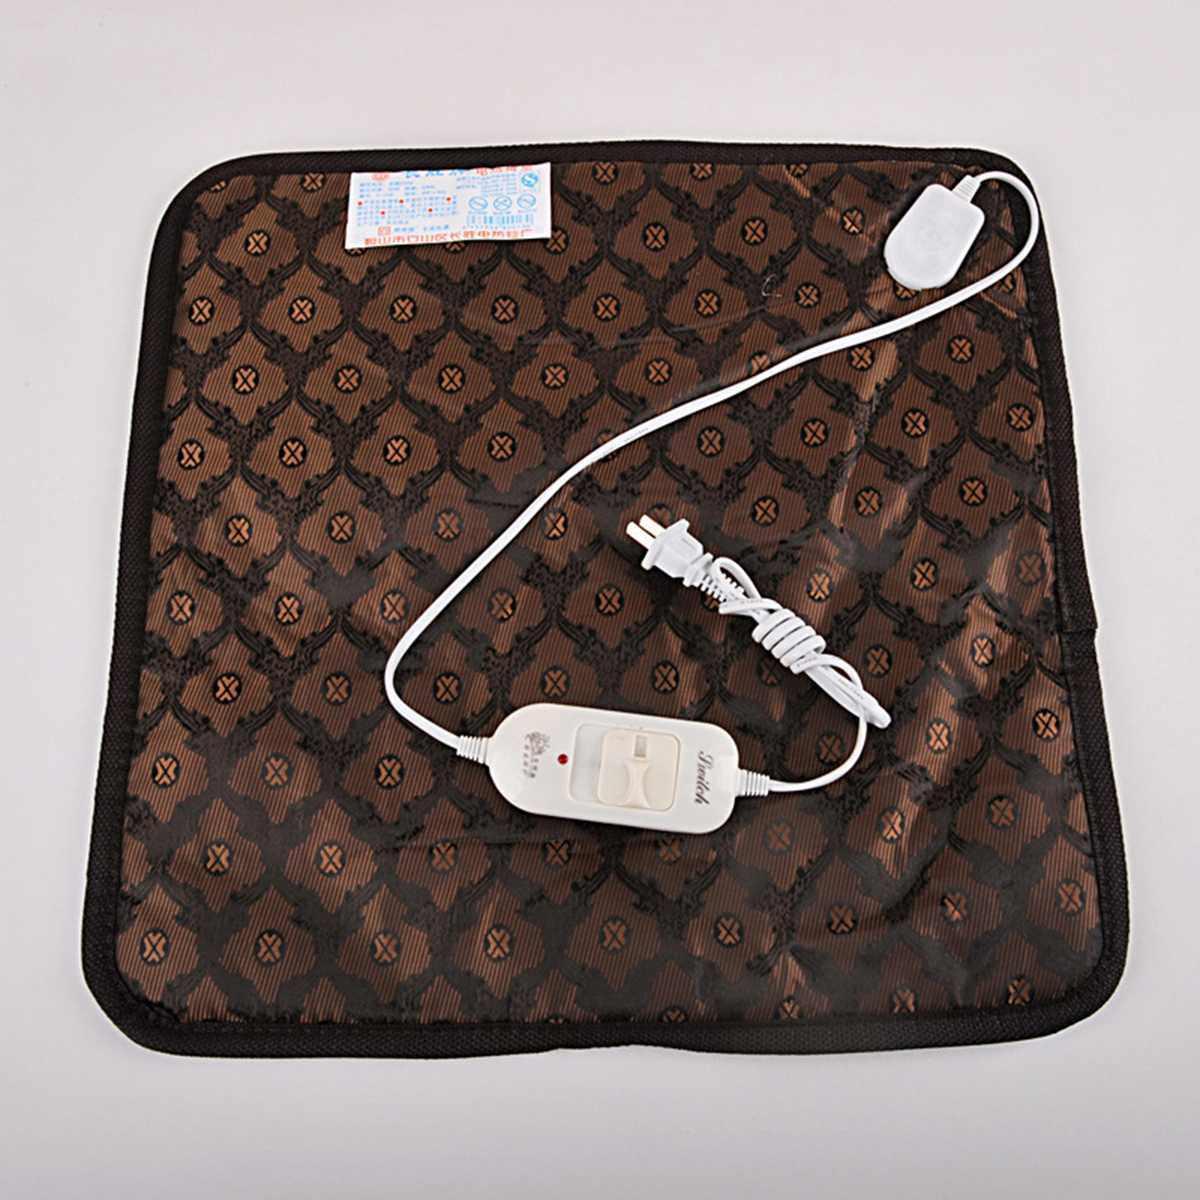 45*45 электрическое одеяло зимняя грелка животное водонепроницаемый коврик для кота собаки термостат с подогревом одеяло стул теплый коврик